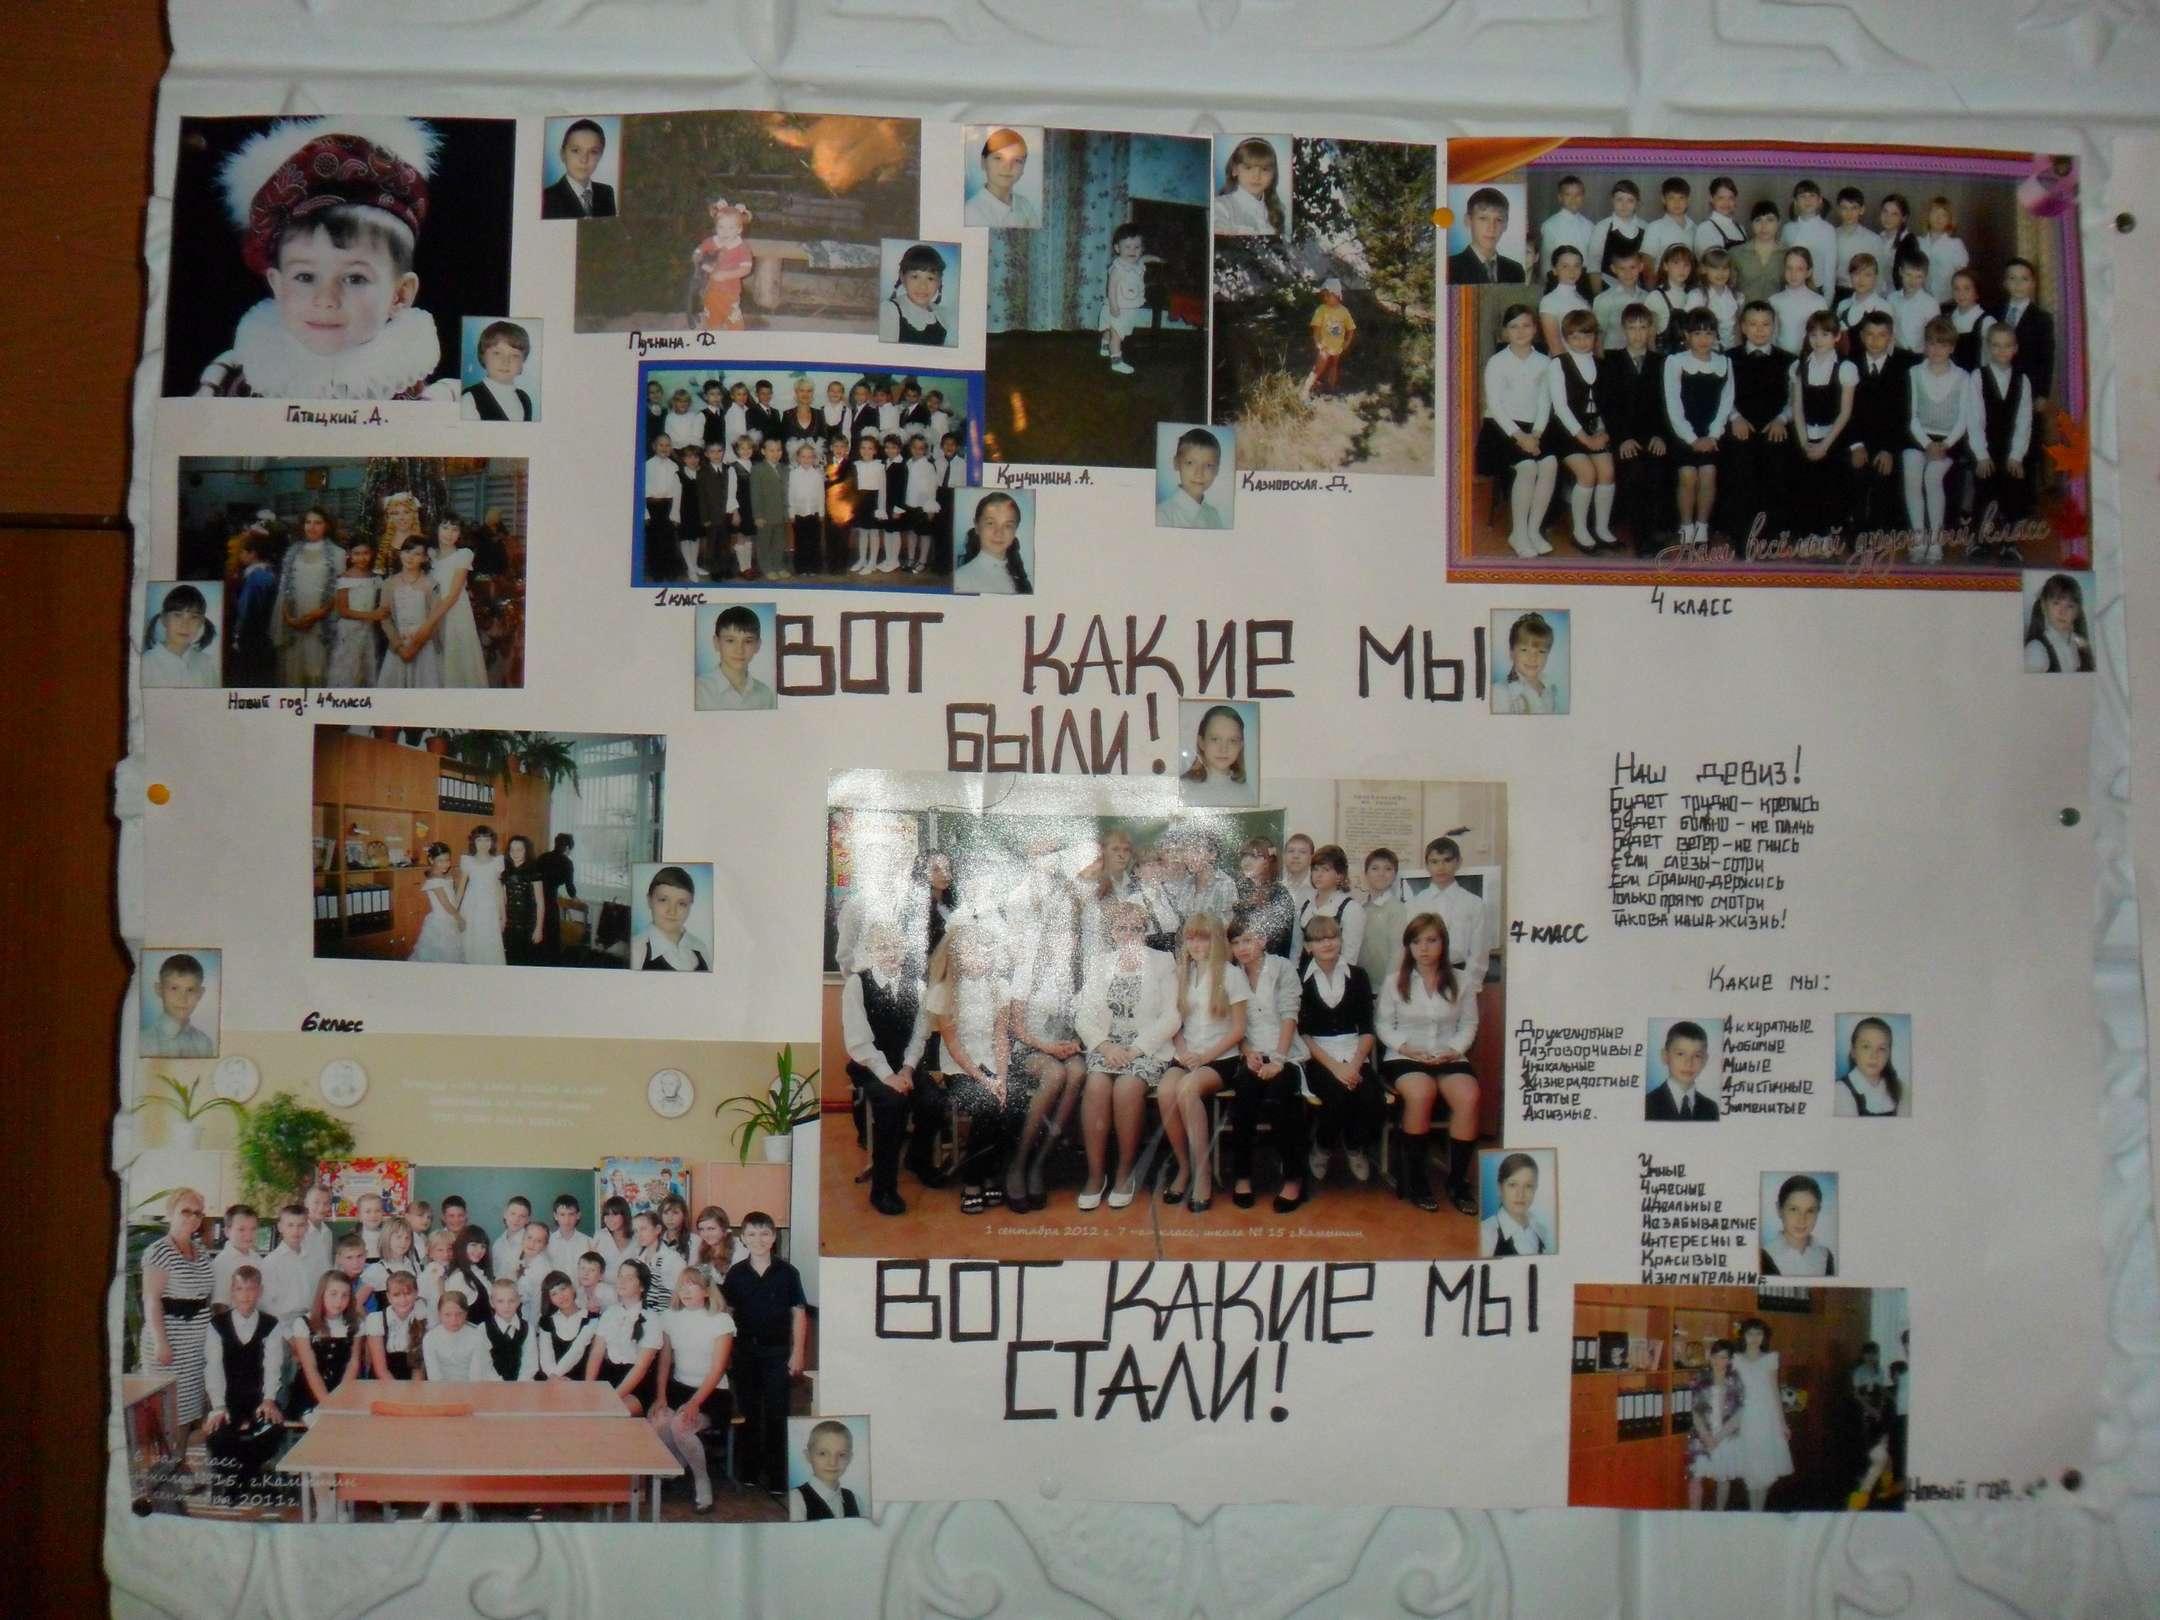 Сценарии поздравлений на выпускной 11 класс поздравления от родителей